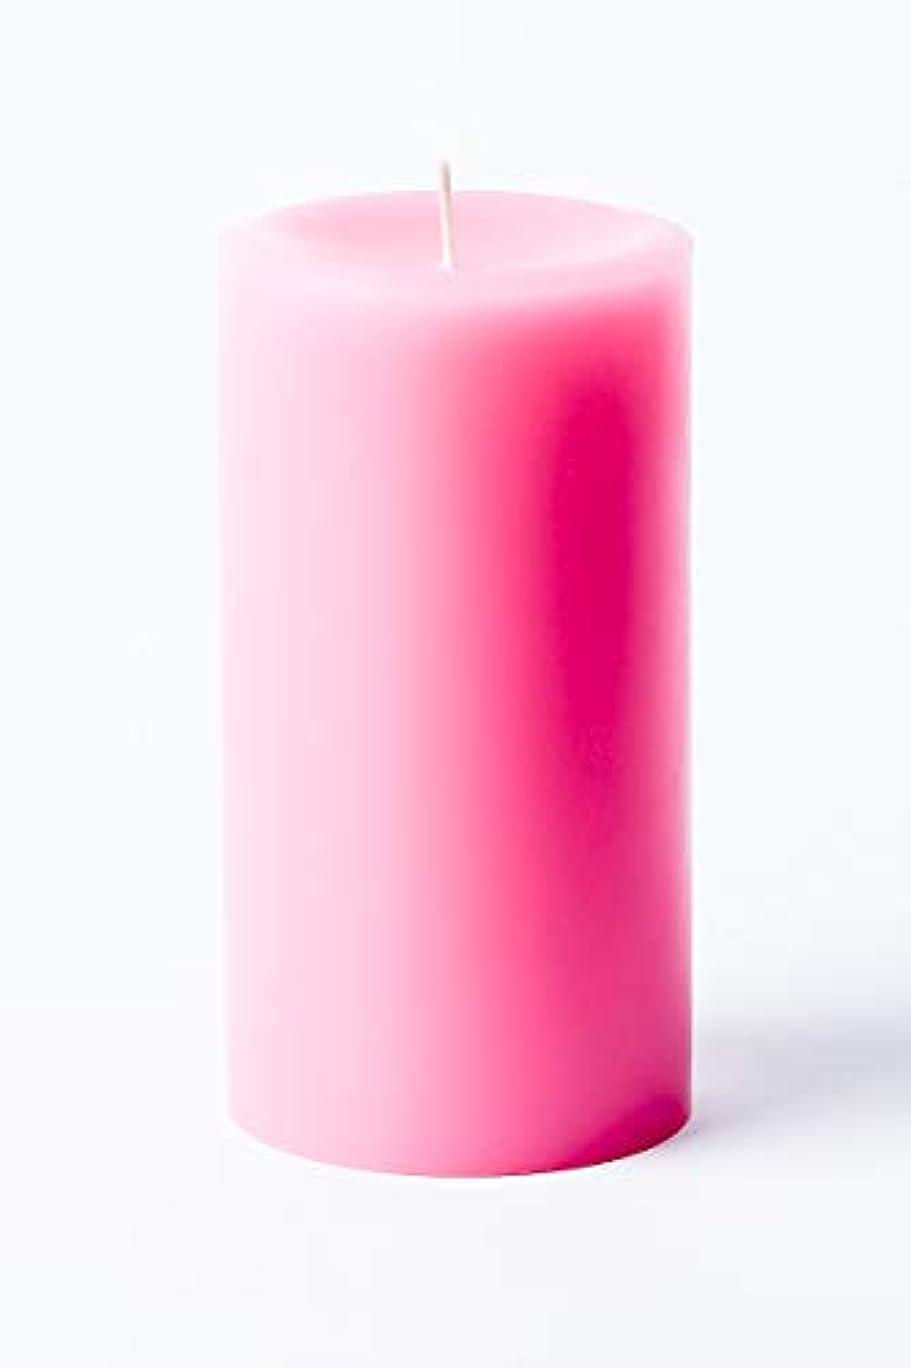 ウガンダテクスチャー医薬品(Pink) - 7.6cm x 15cm Hand Poured Solid Colour Unscented Pillar Candles Set of 3 - Made in USA (Pink)